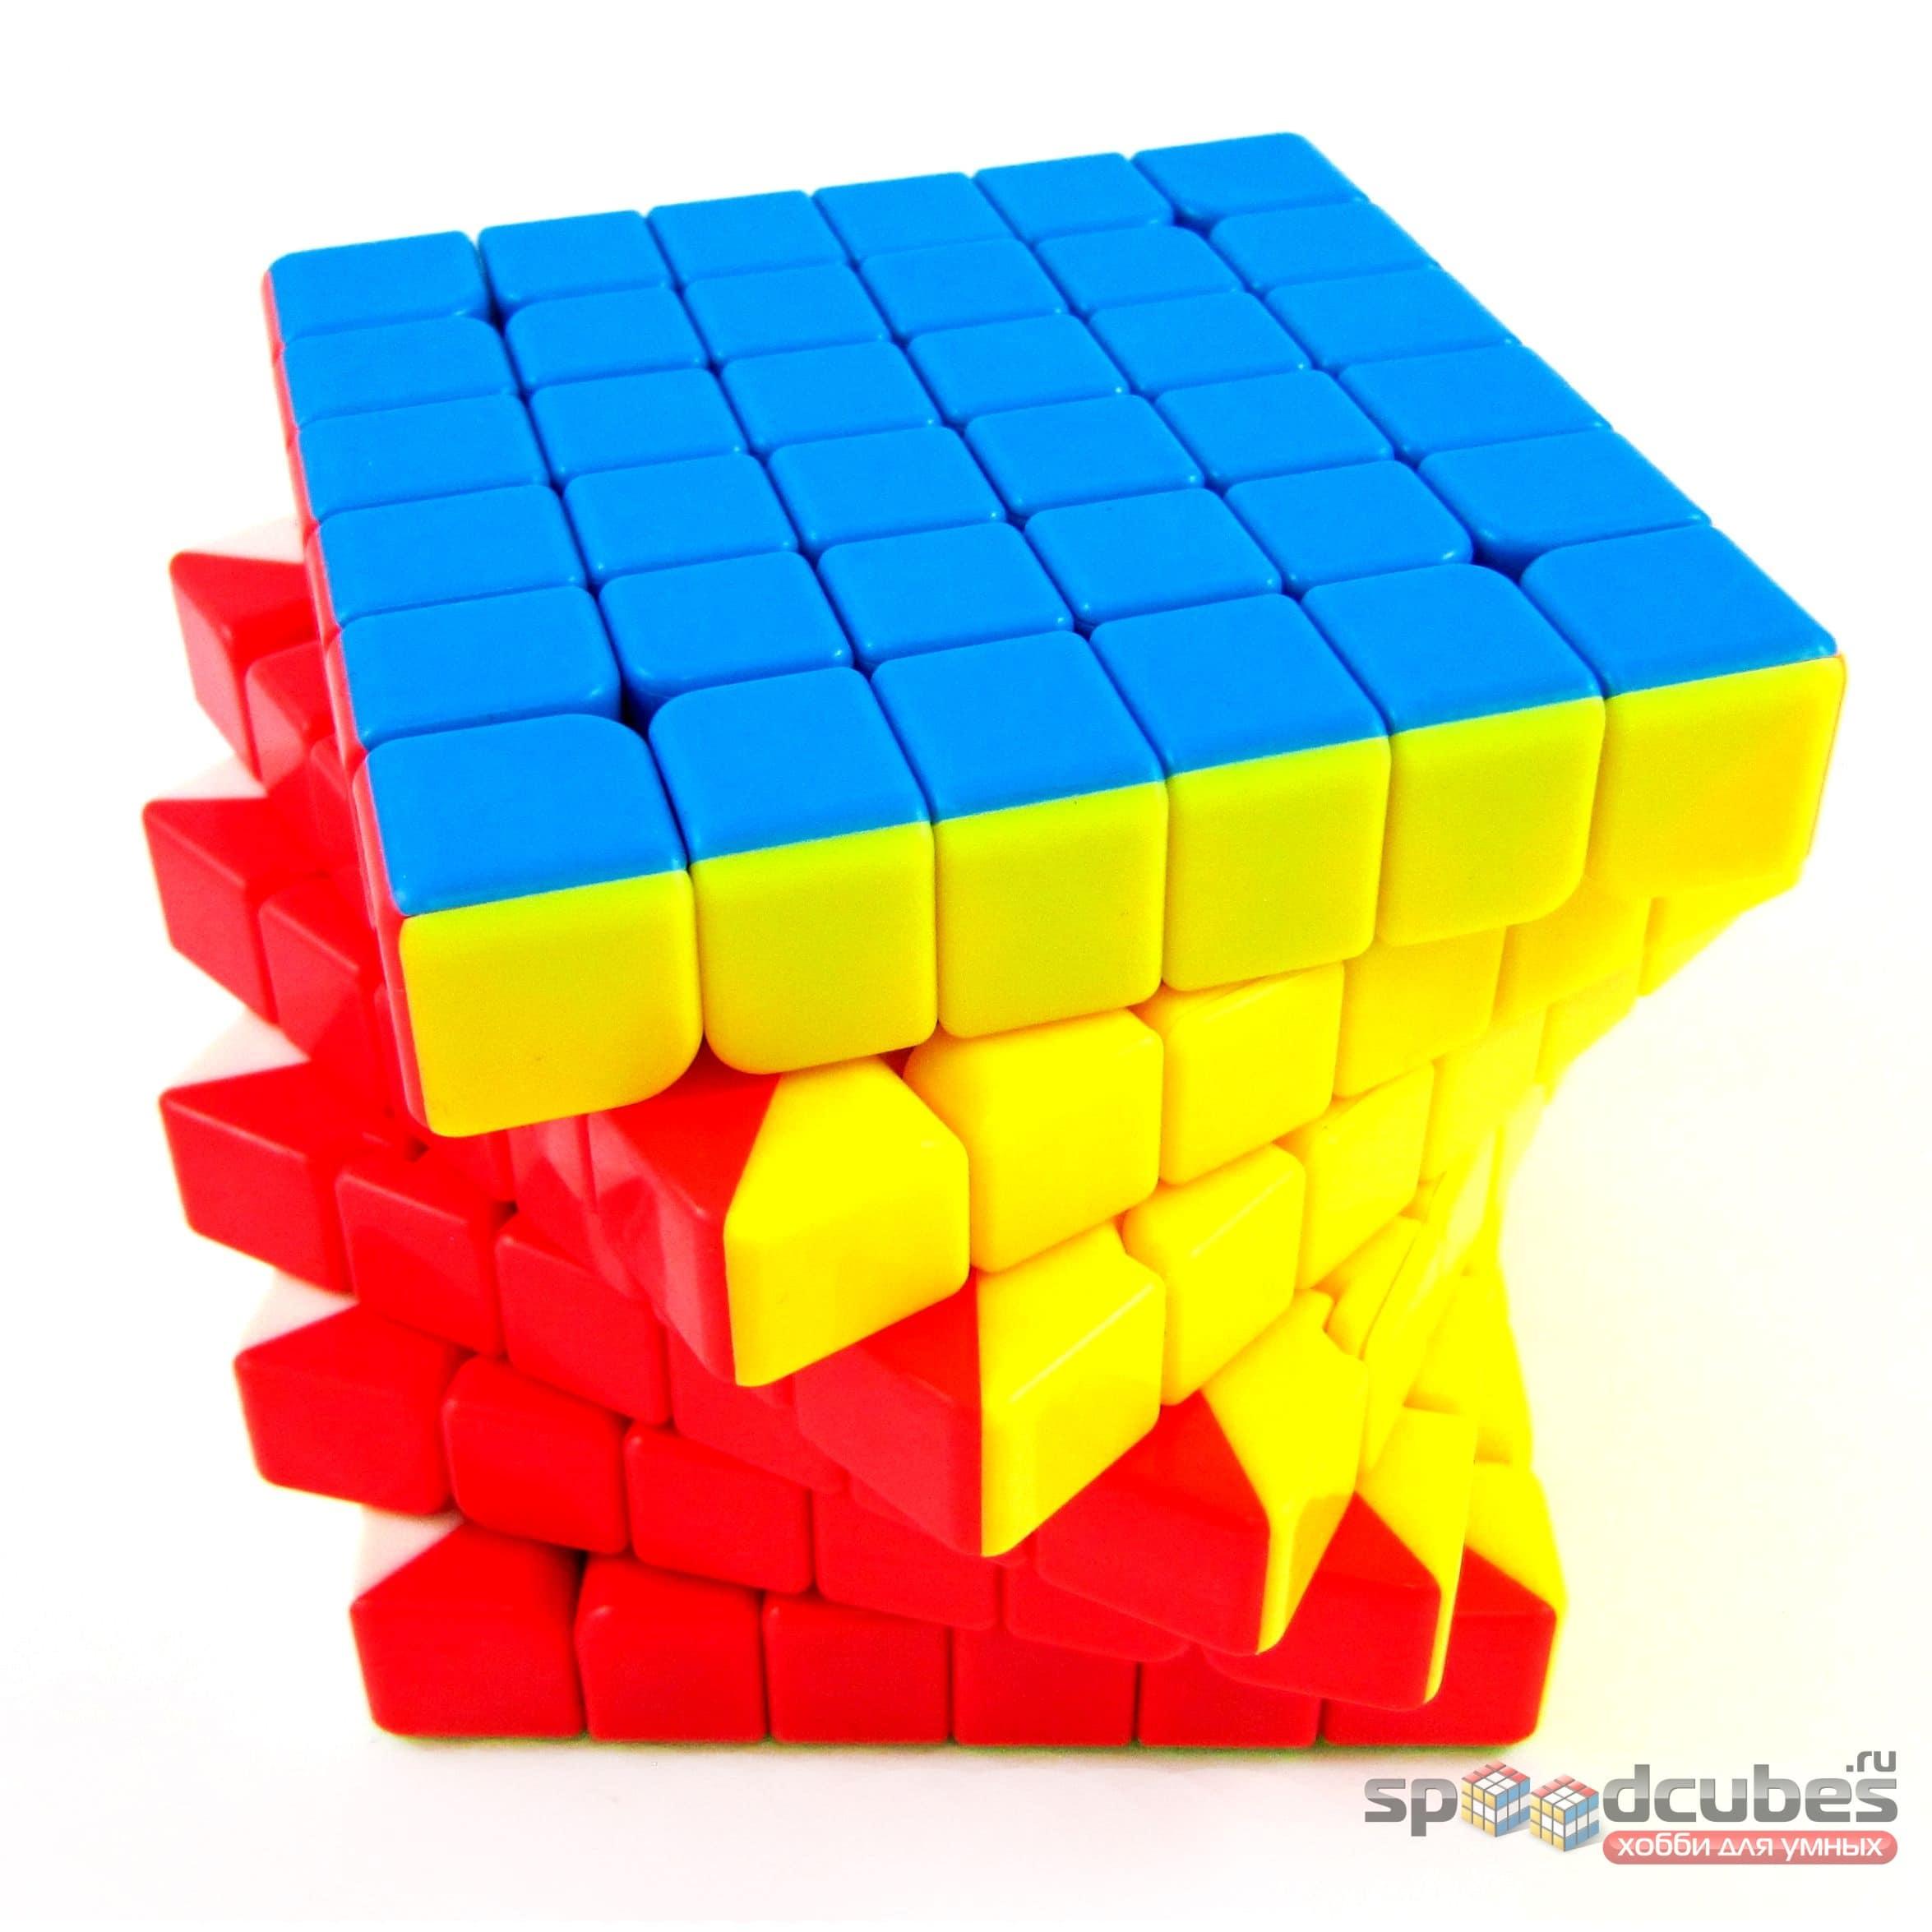 Moyu 6x6 Weishi 3